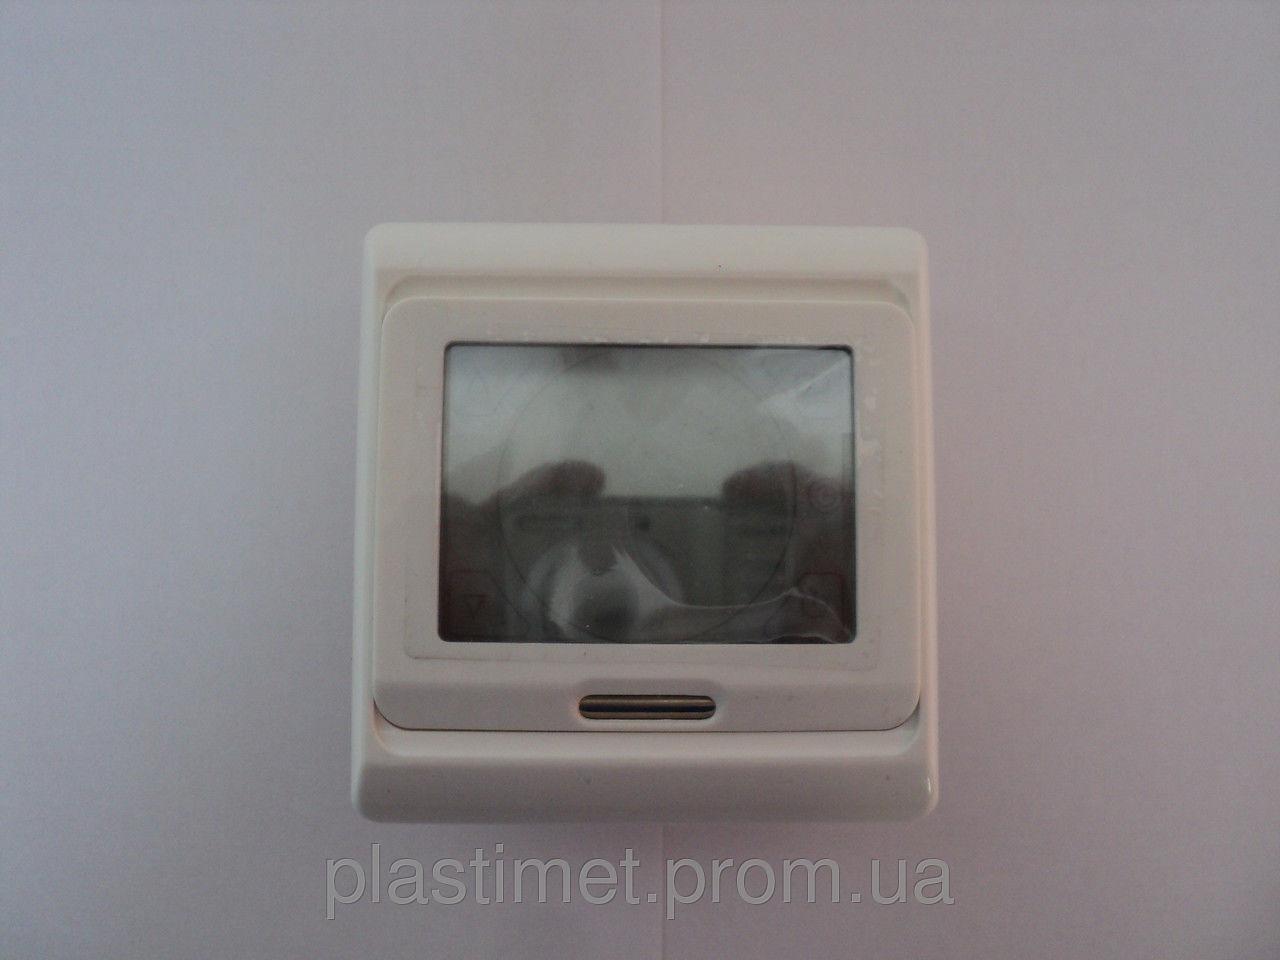 Термостат М9.716